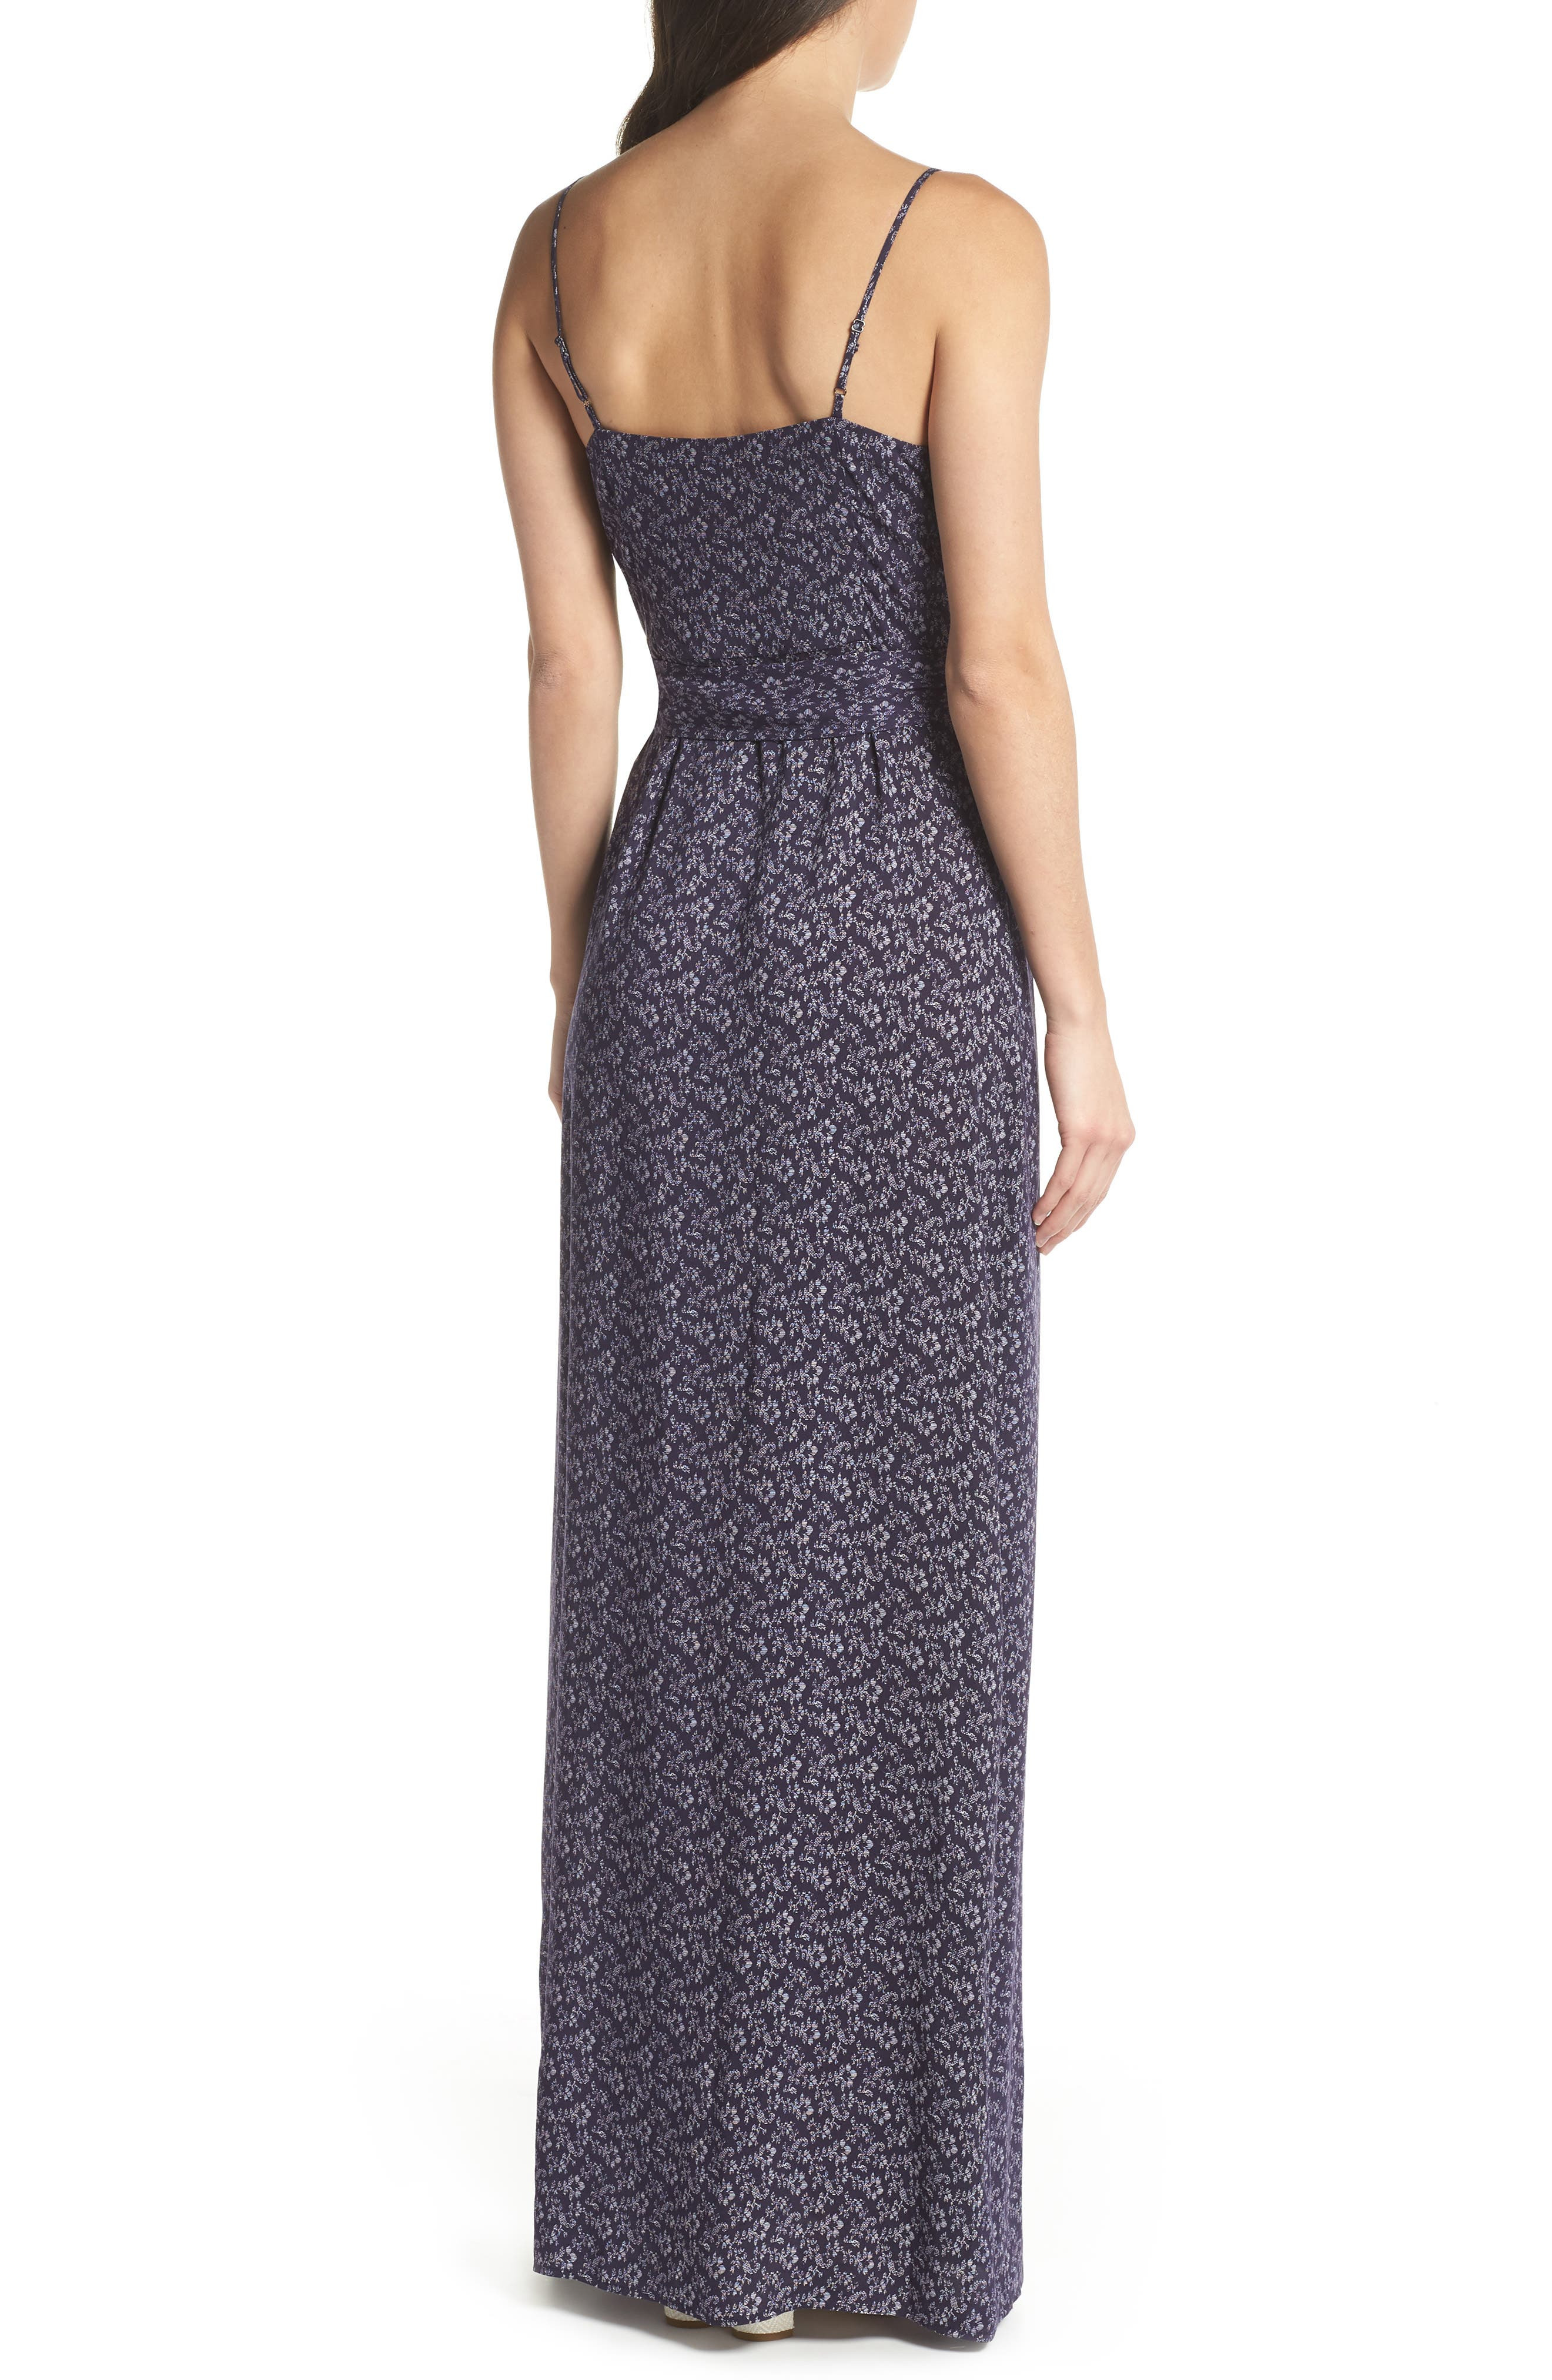 Regina Floral Print Maxi Dress,                             Alternate thumbnail 2, color,                             400